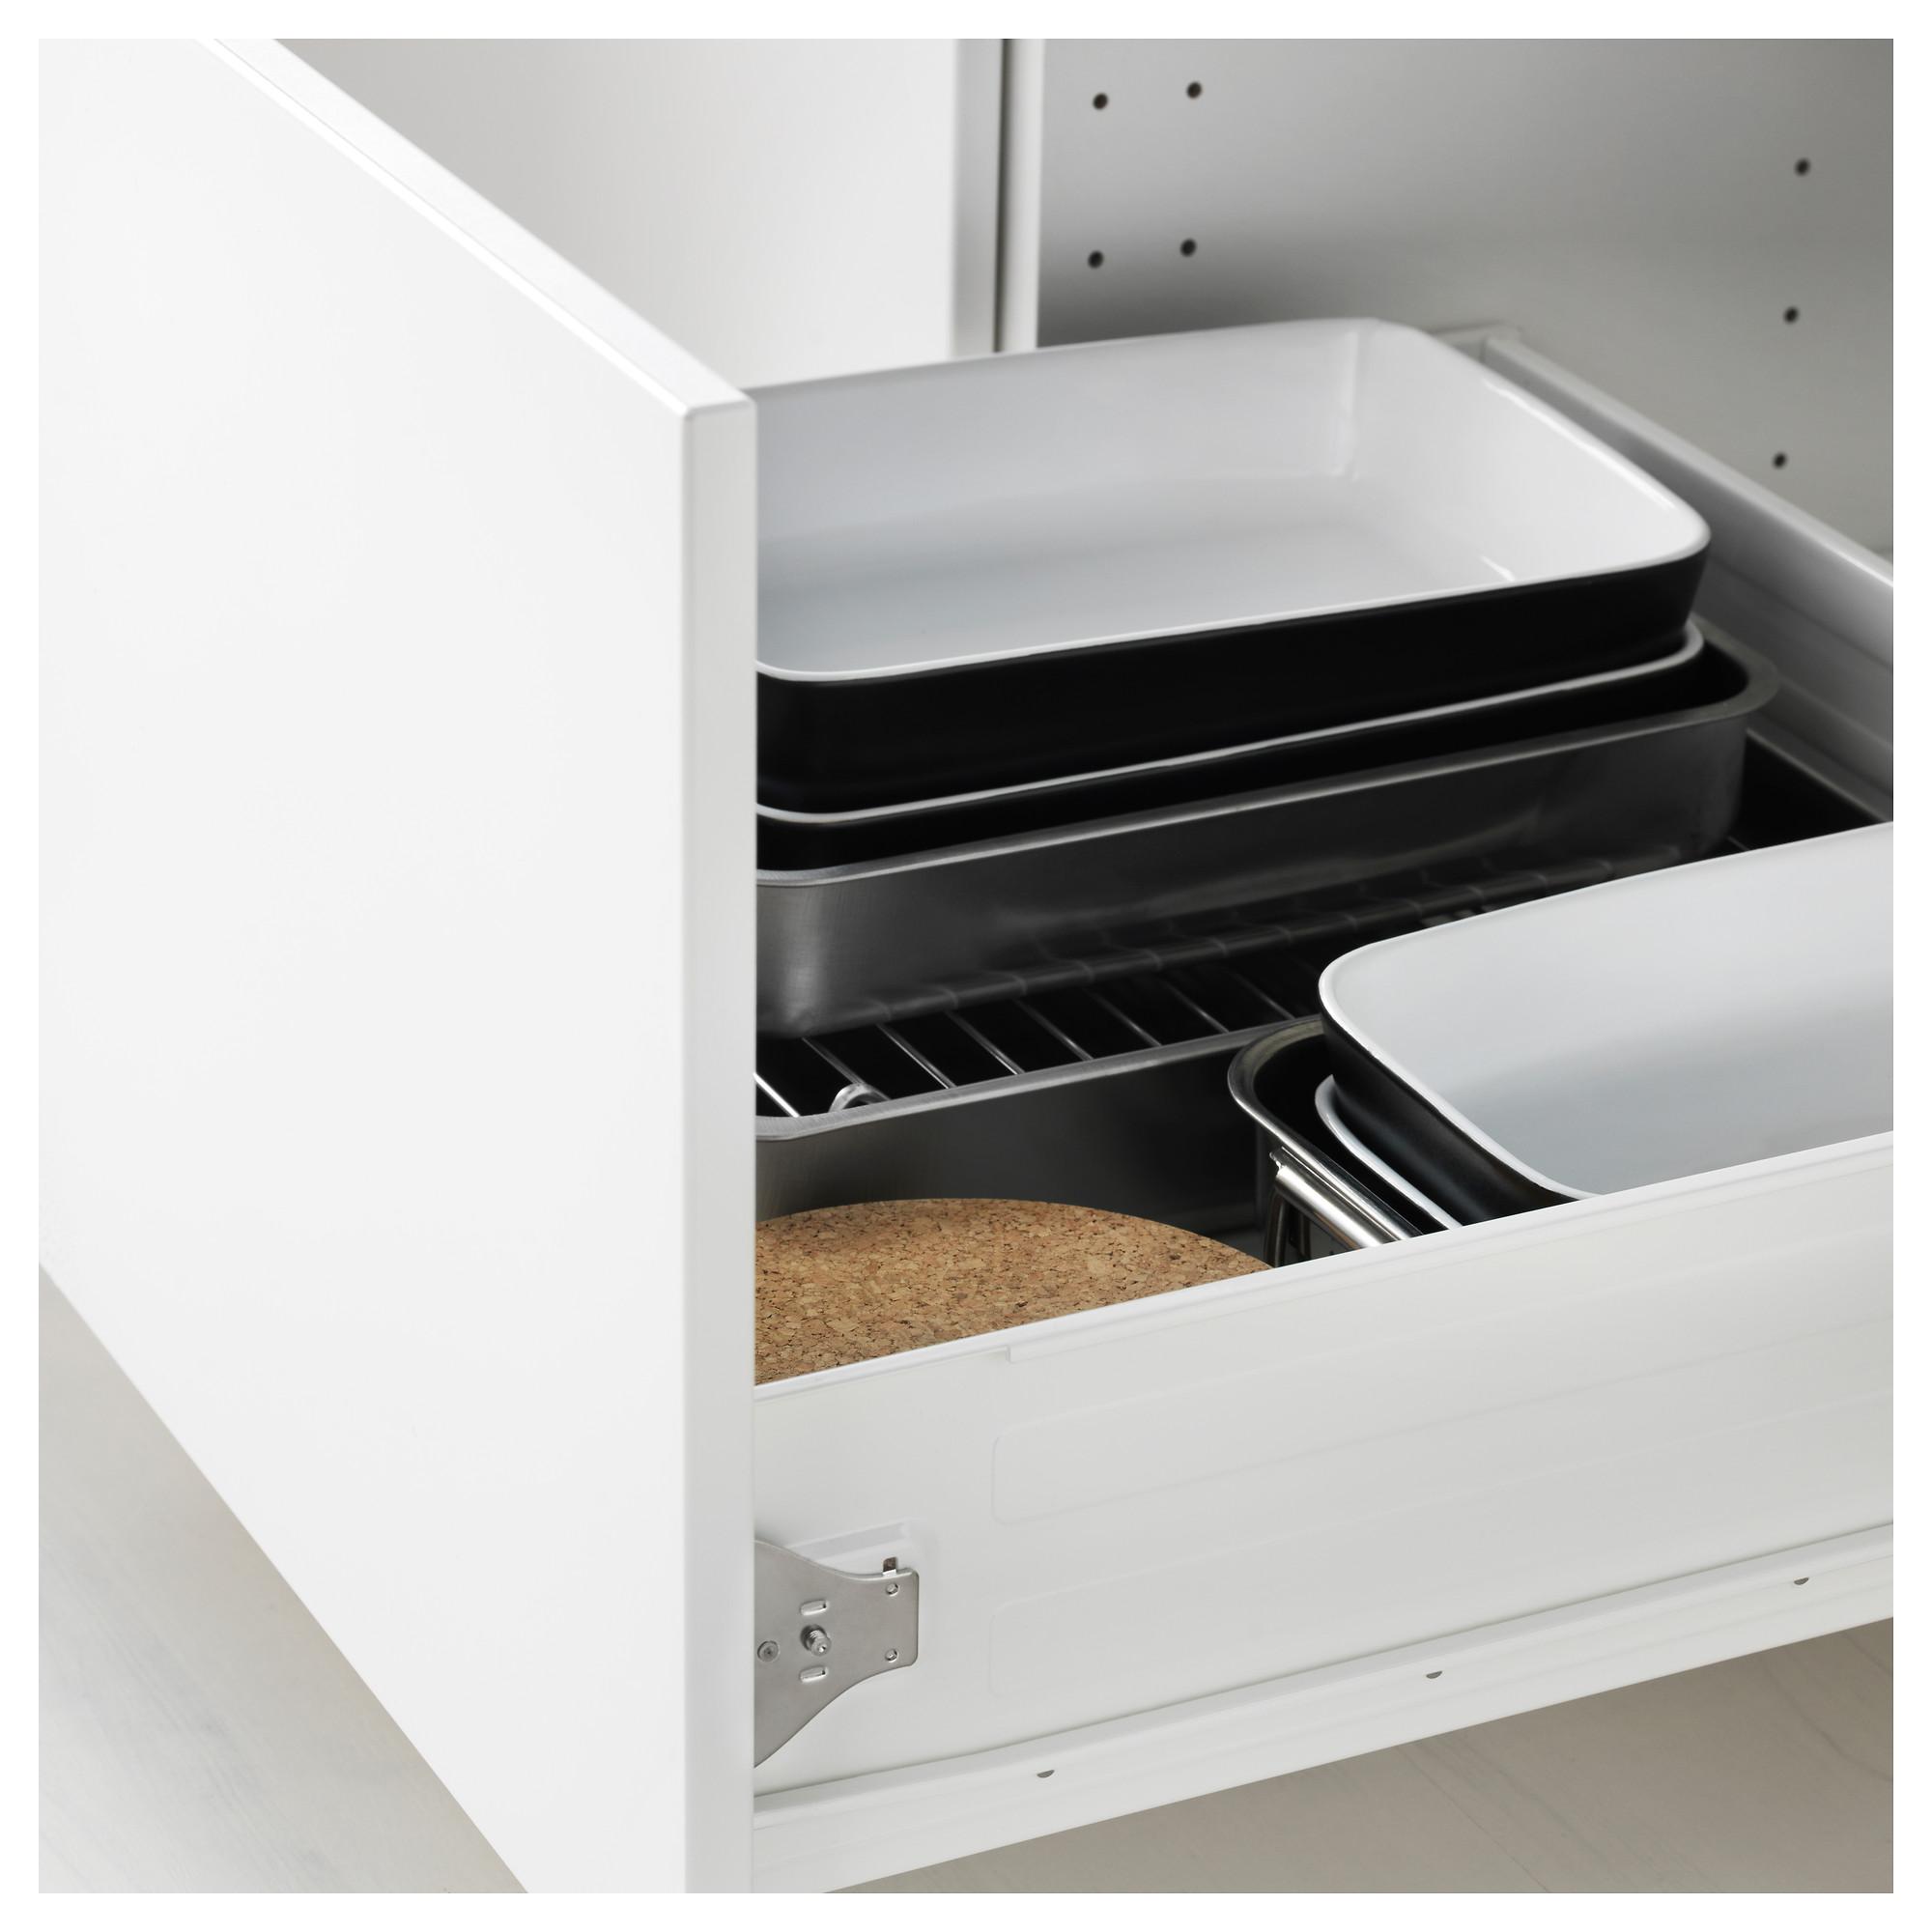 Высокий шкаф для духовки комбинированный, духовка + дверца, 3 ящика МЕТОД / ФОРВАРА черный артикуль № 892.621.21 в наличии. Онлайн сайт IKEA Беларусь. Недорогая доставка и установка.